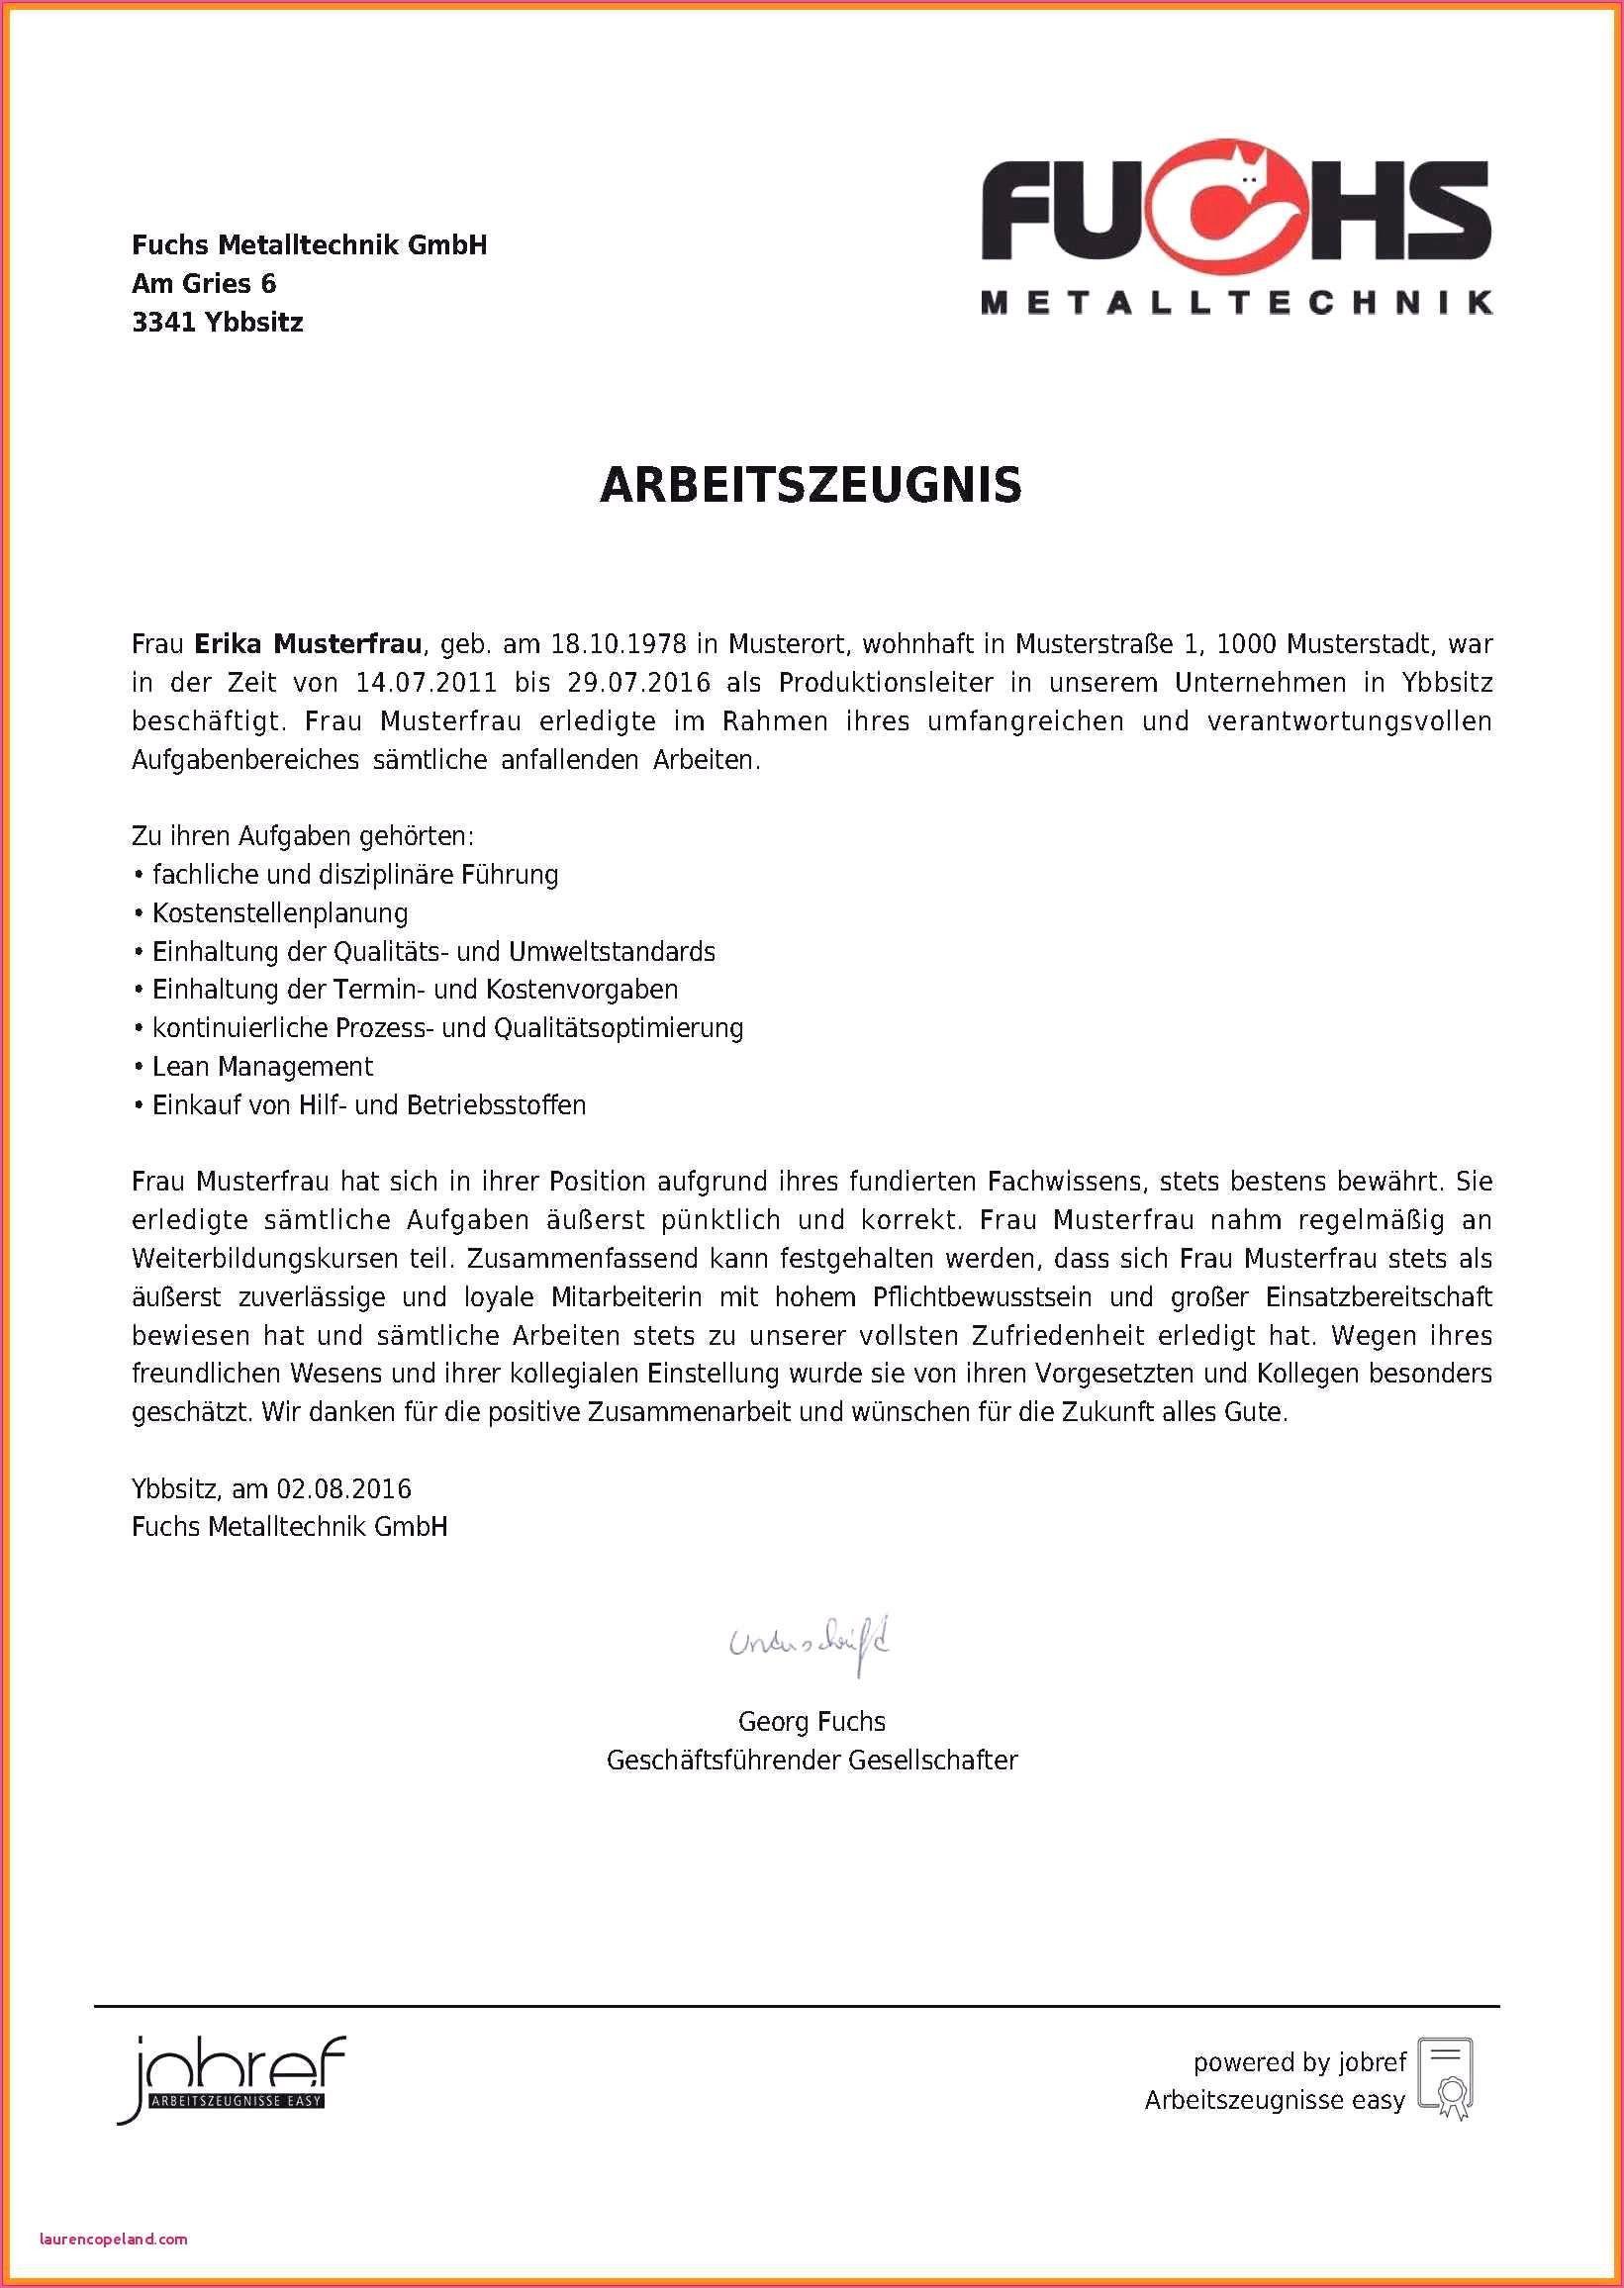 Pachtvertrag Landwirtschaft Muster Word In 2020 Arbeitszeugnis Landwirtschaft Muster